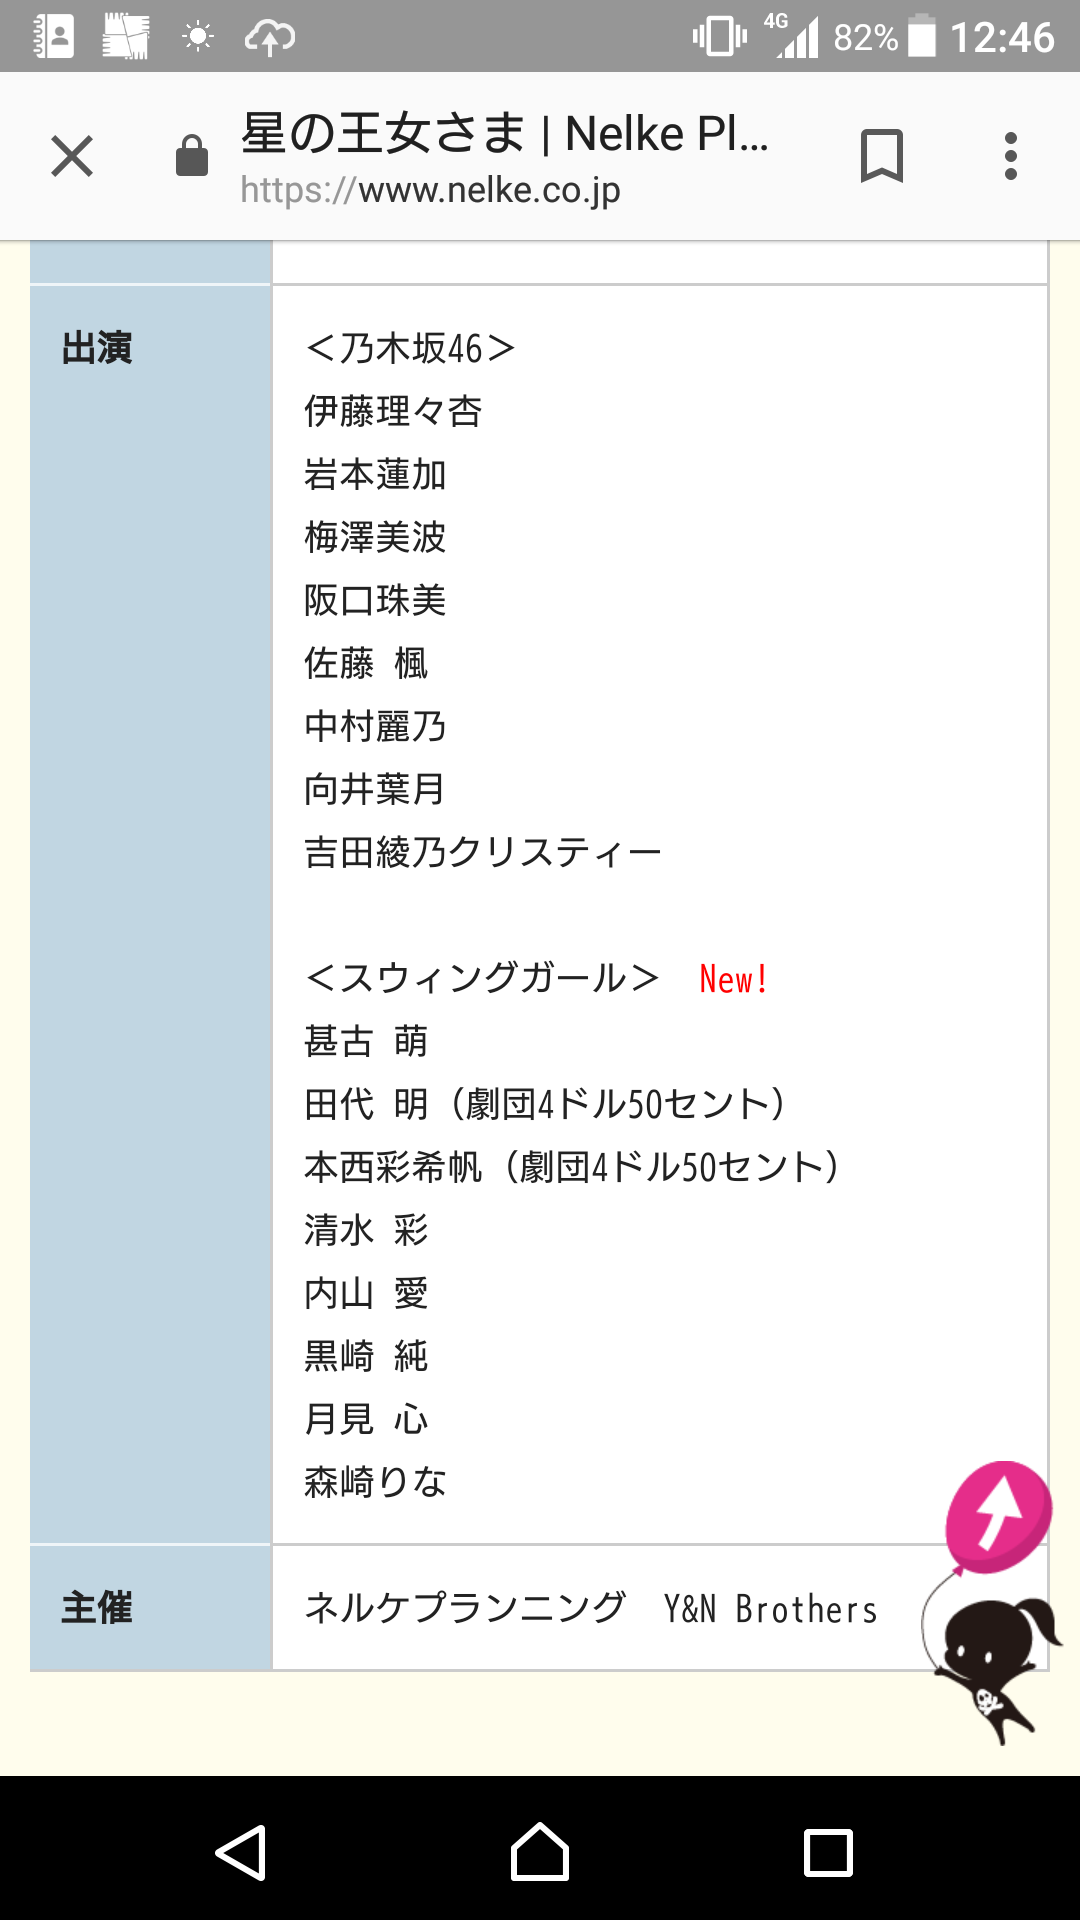 乃木坂46 星の王女さま 秋元康プロデュース劇団員